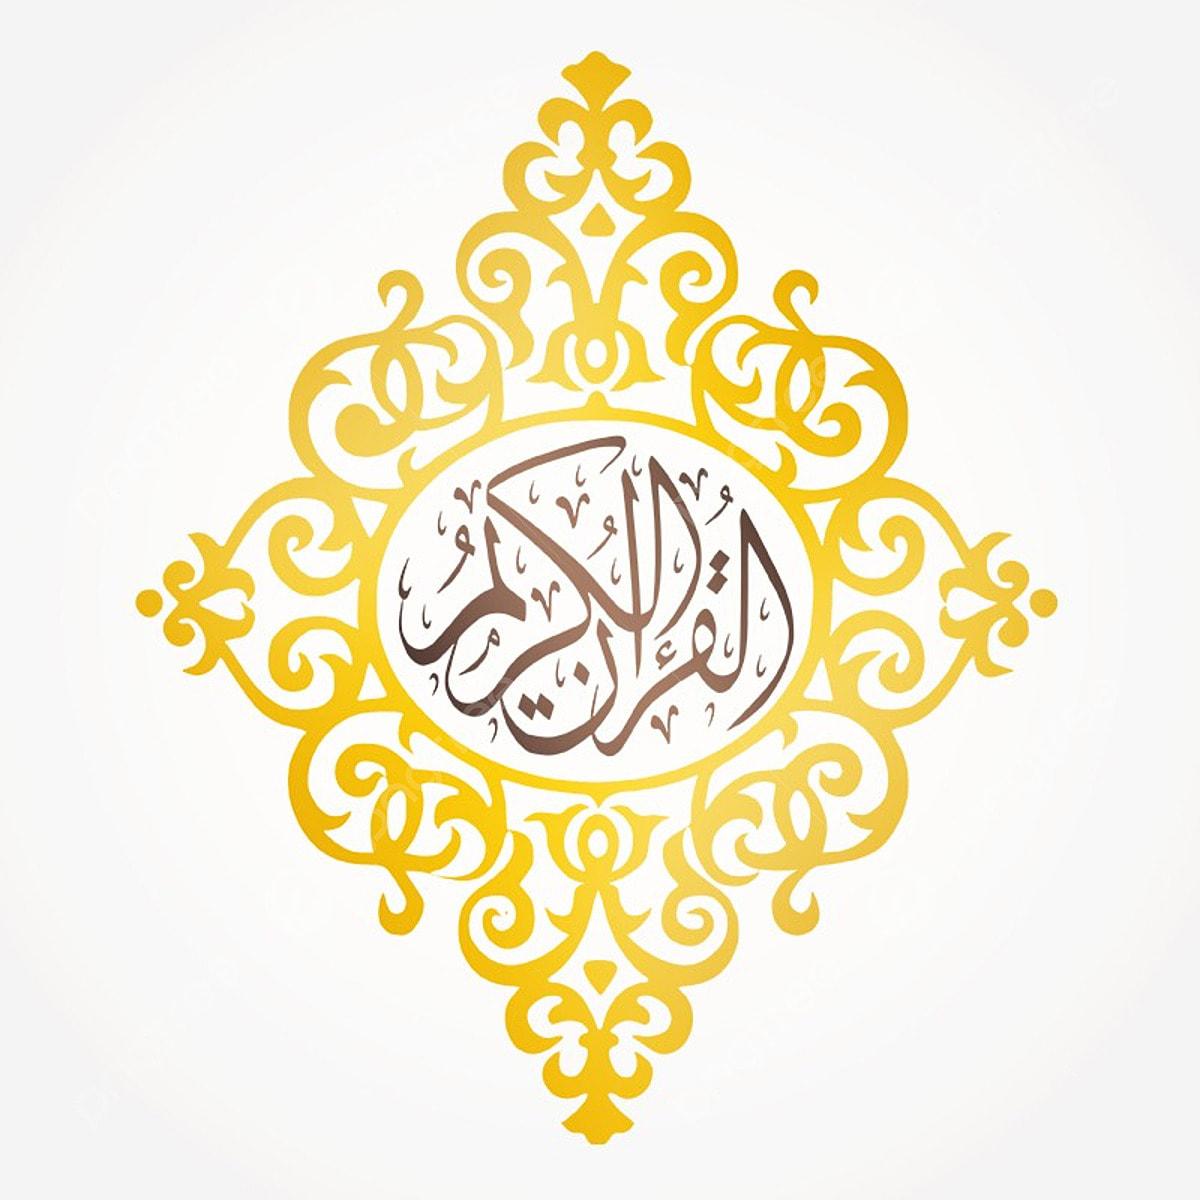 Quran Overornament, Quran, Al Quran, Quran Islamic PNG and